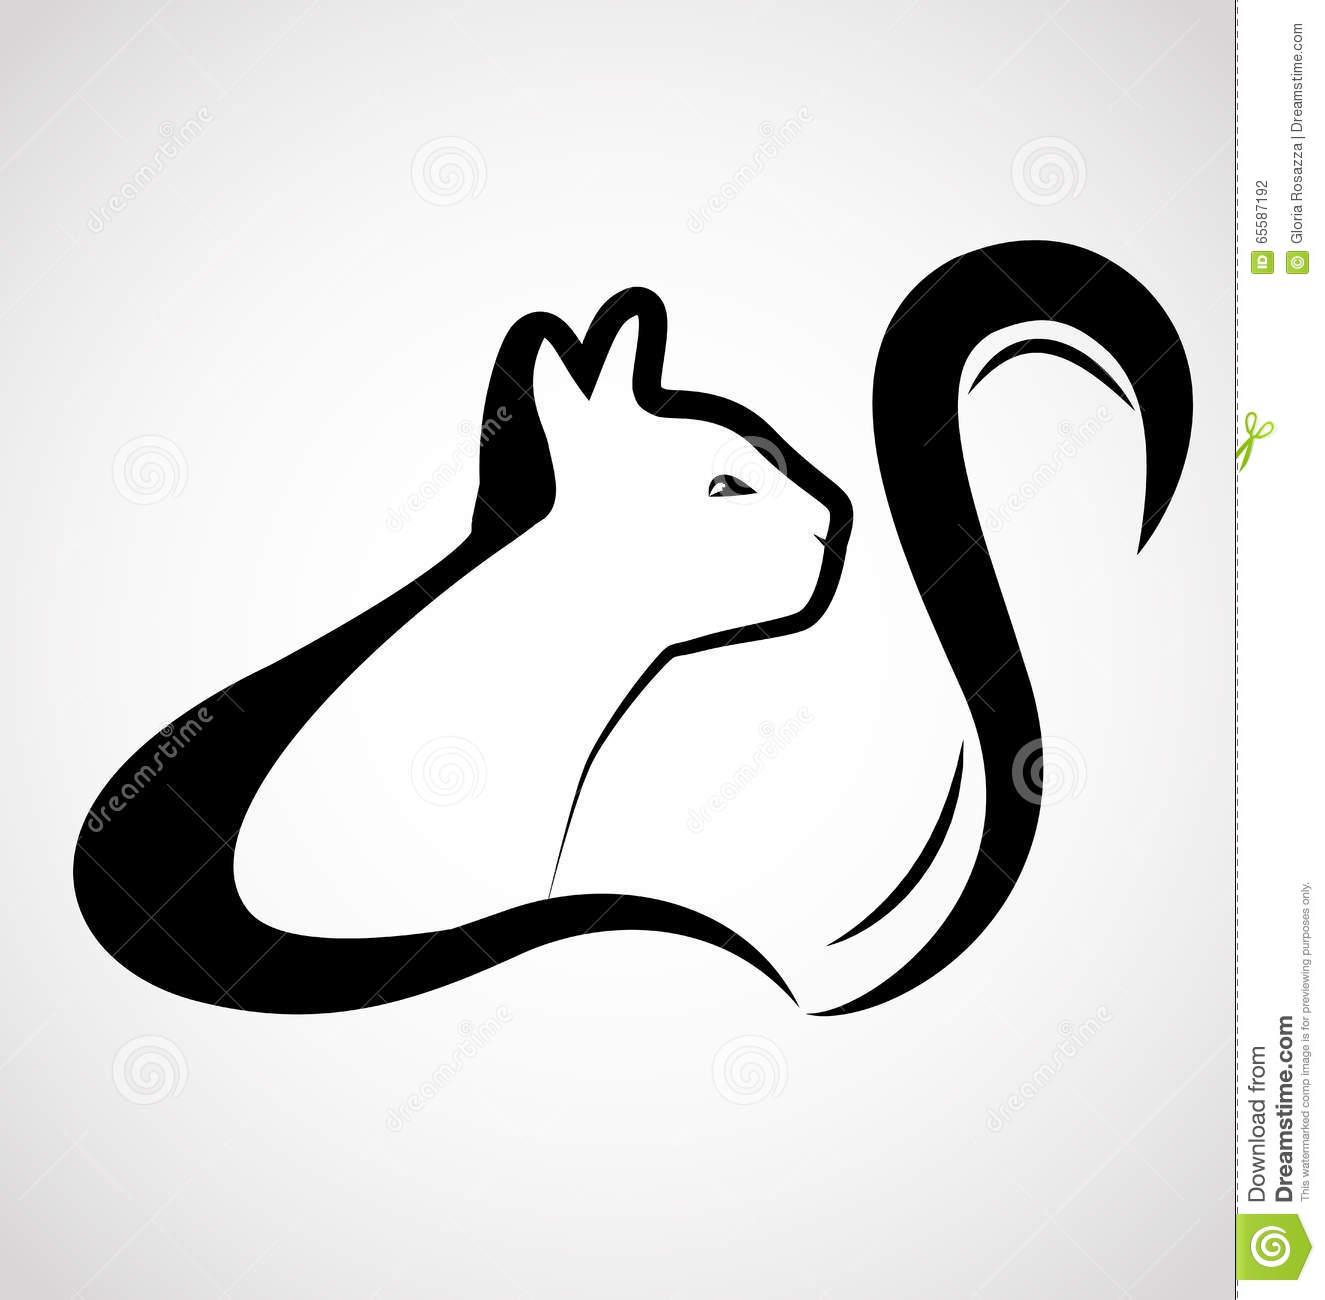 卡通猫博士设计,动物素材